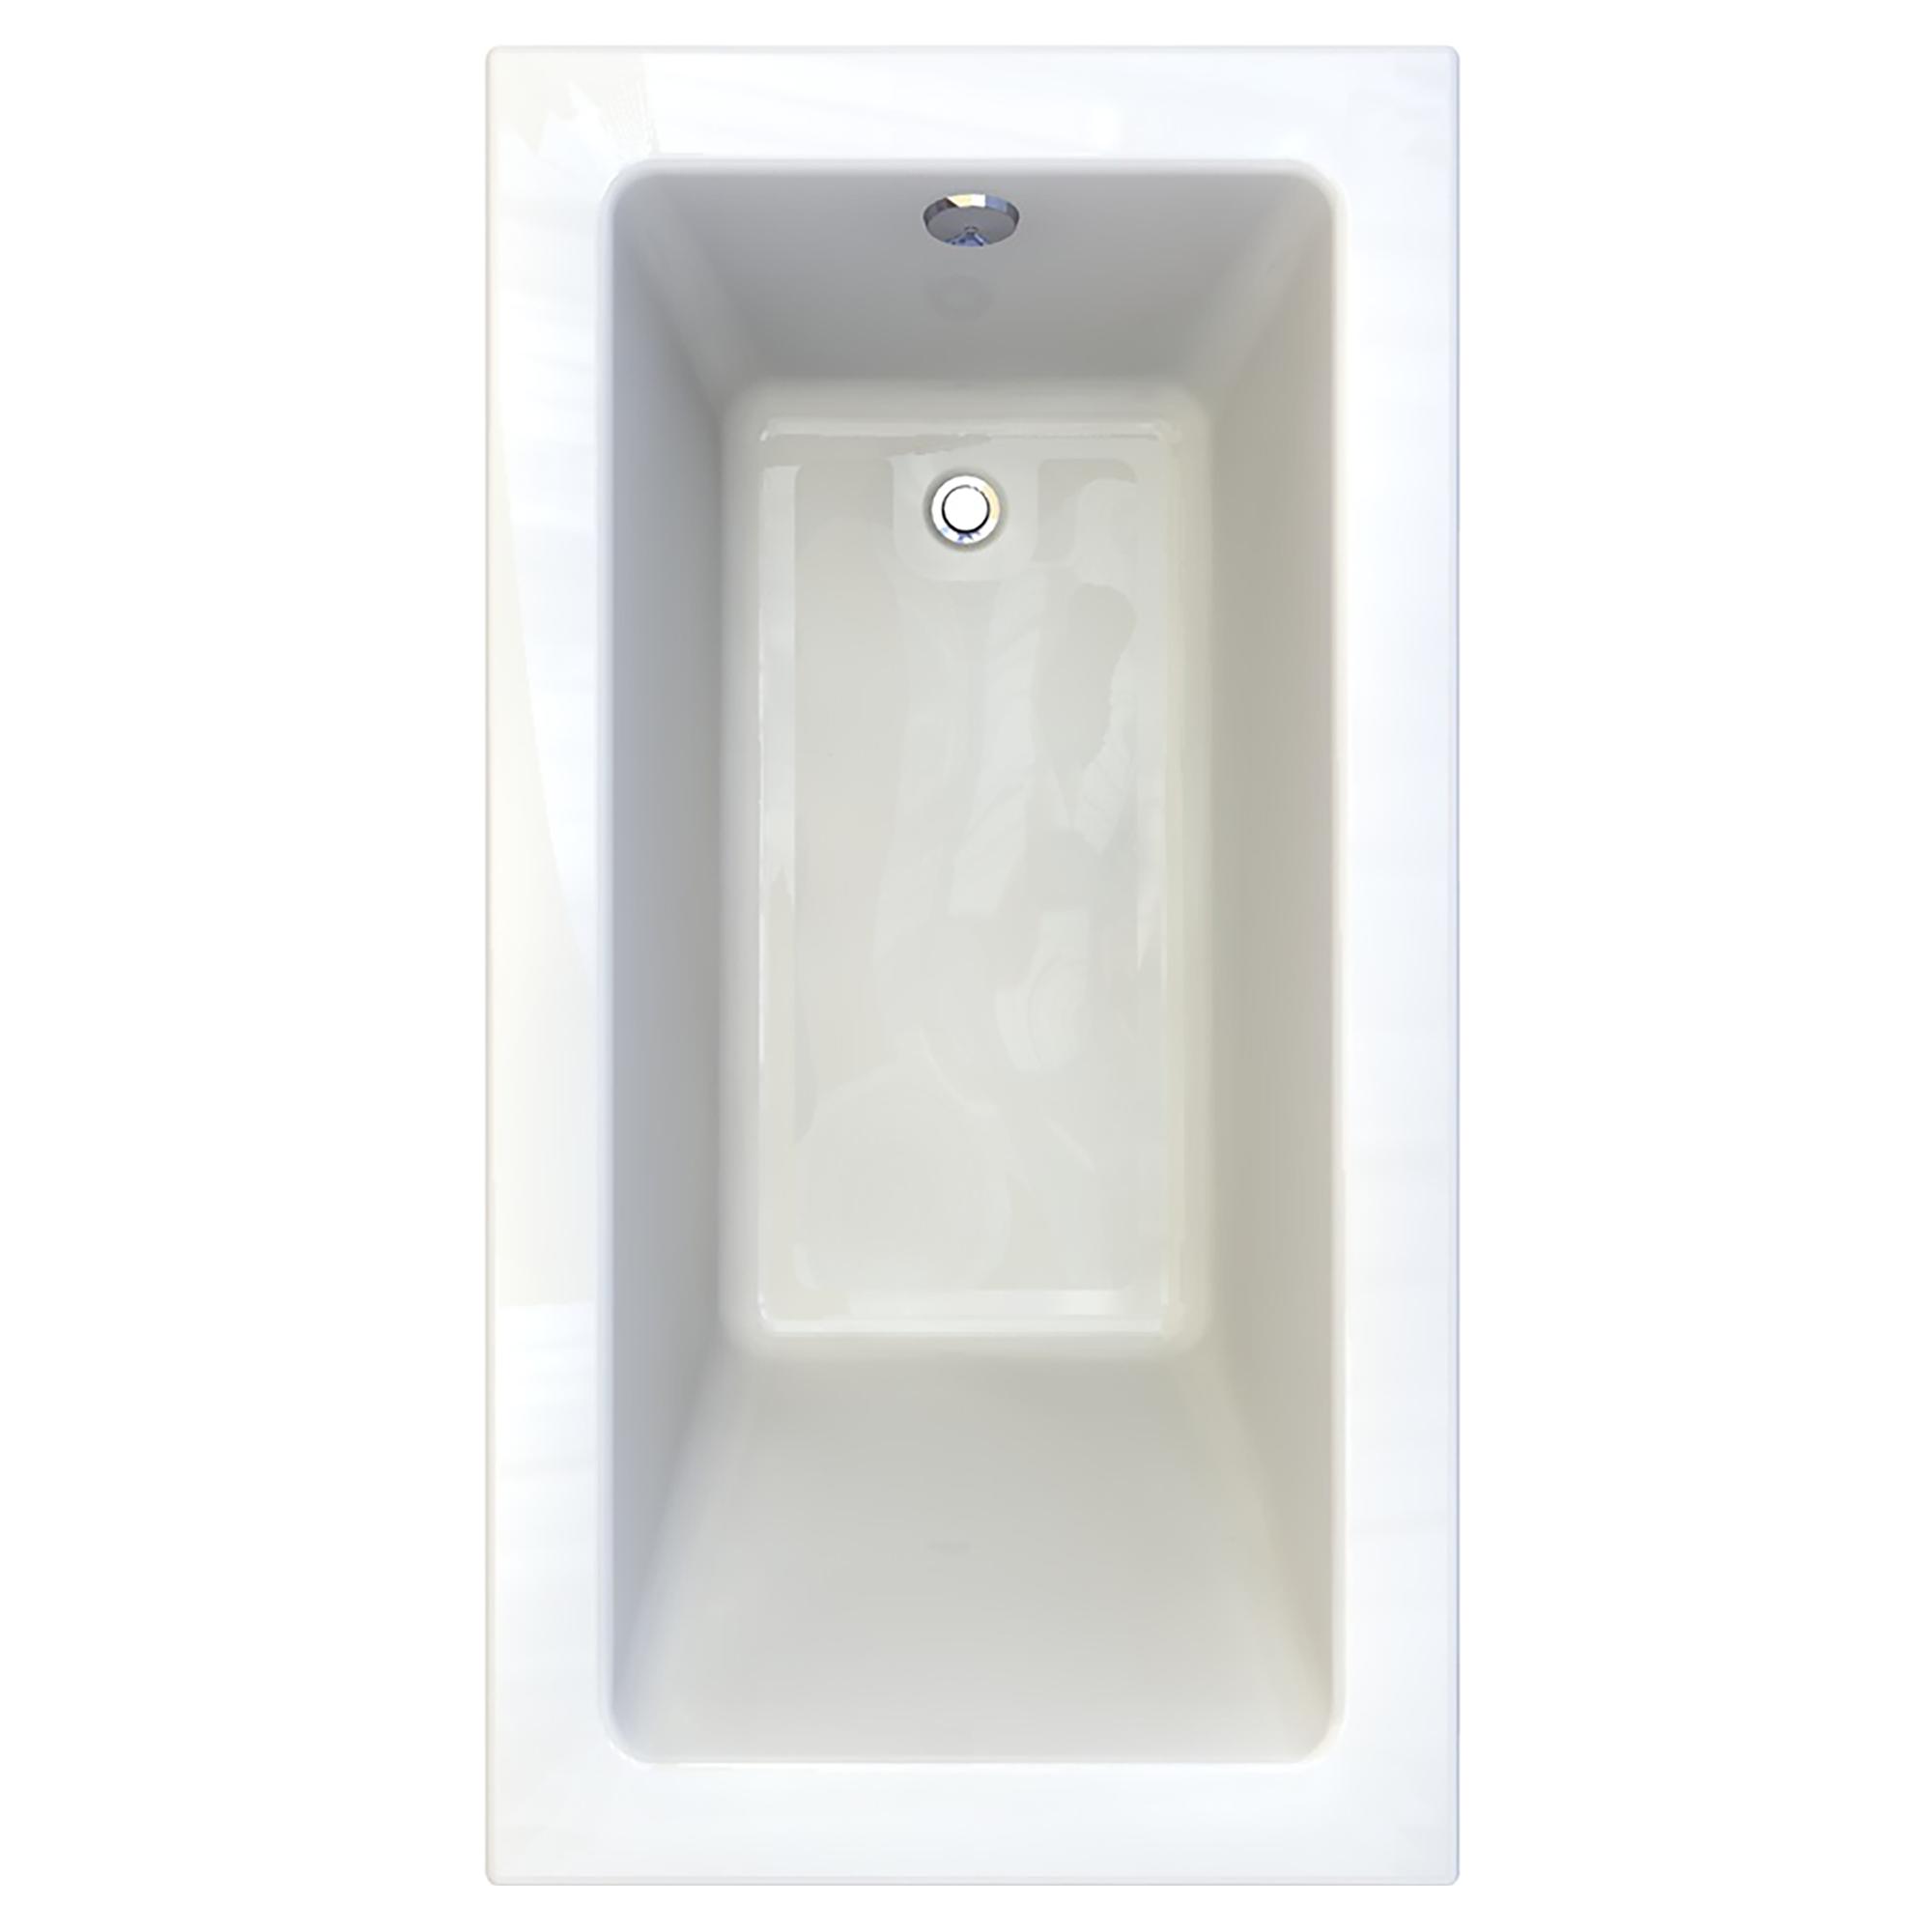 Bathtubs - Studio 60 Inch by 32 Inch Bathtub | Bathroom ideas ...